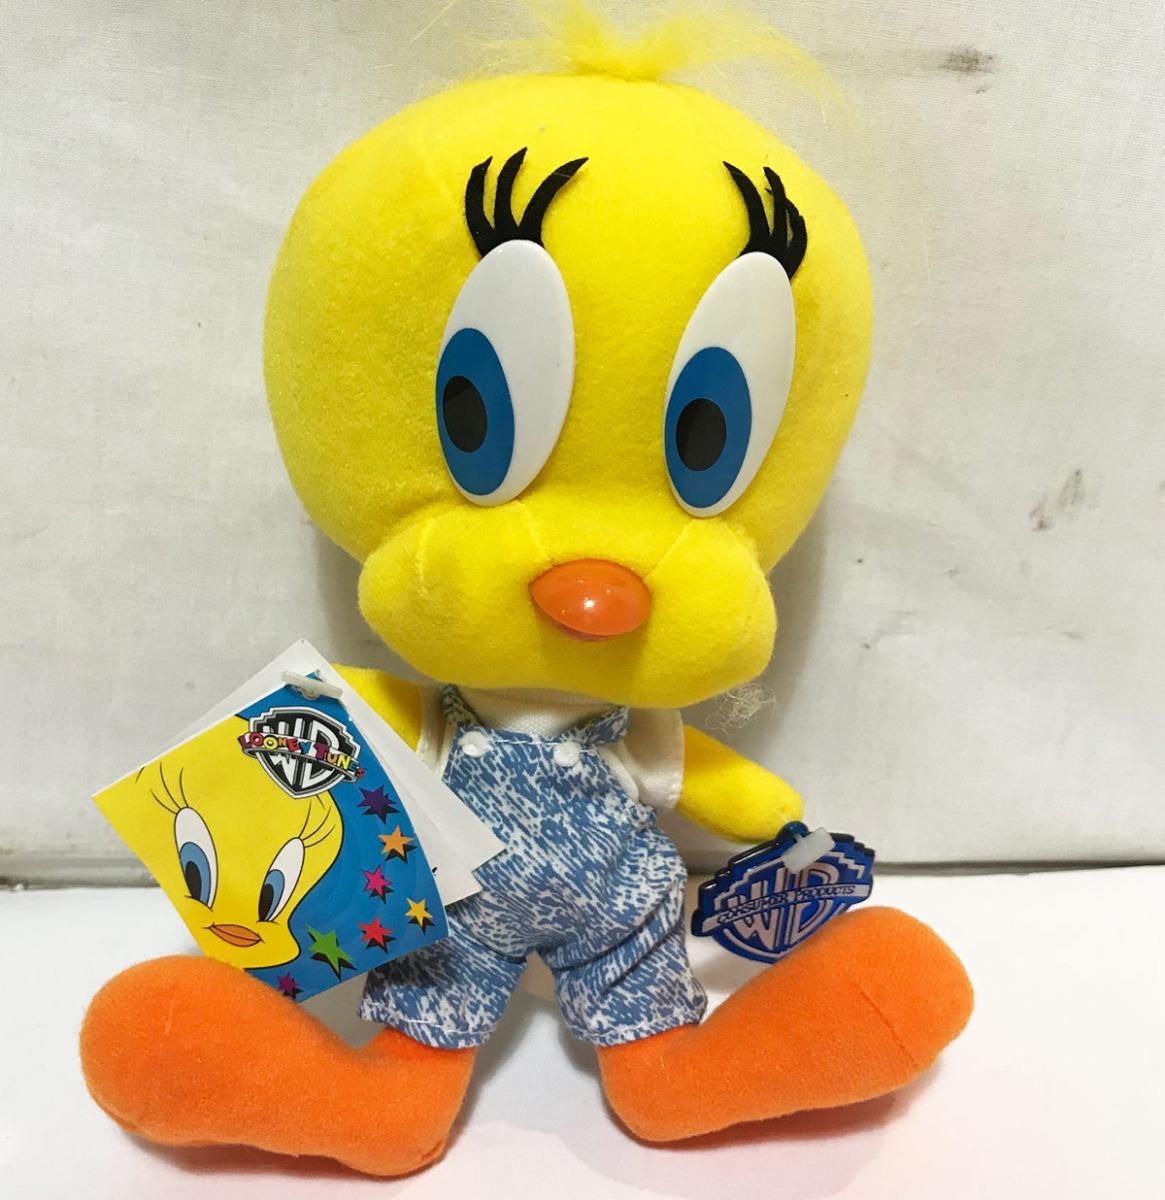 Tweety - Looney Tunes Knuffel 19 cm